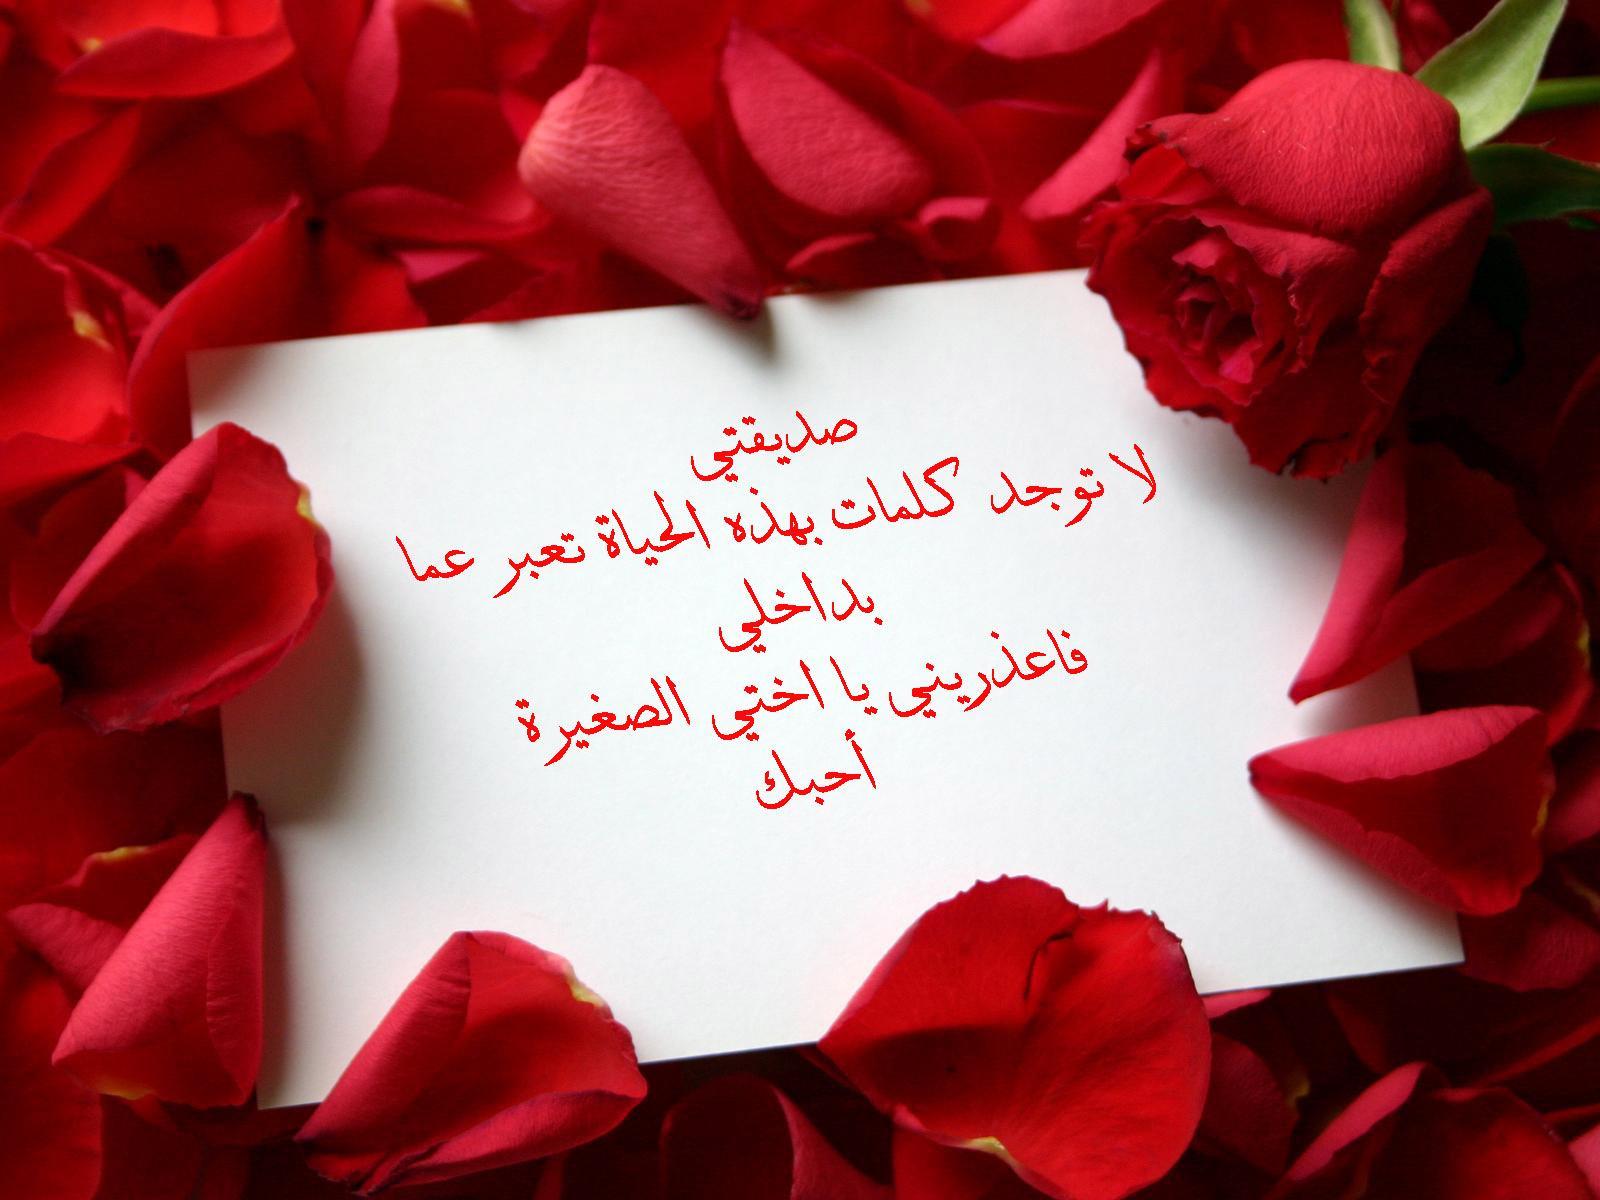 صوره كلمة حب وتقدير وشكر